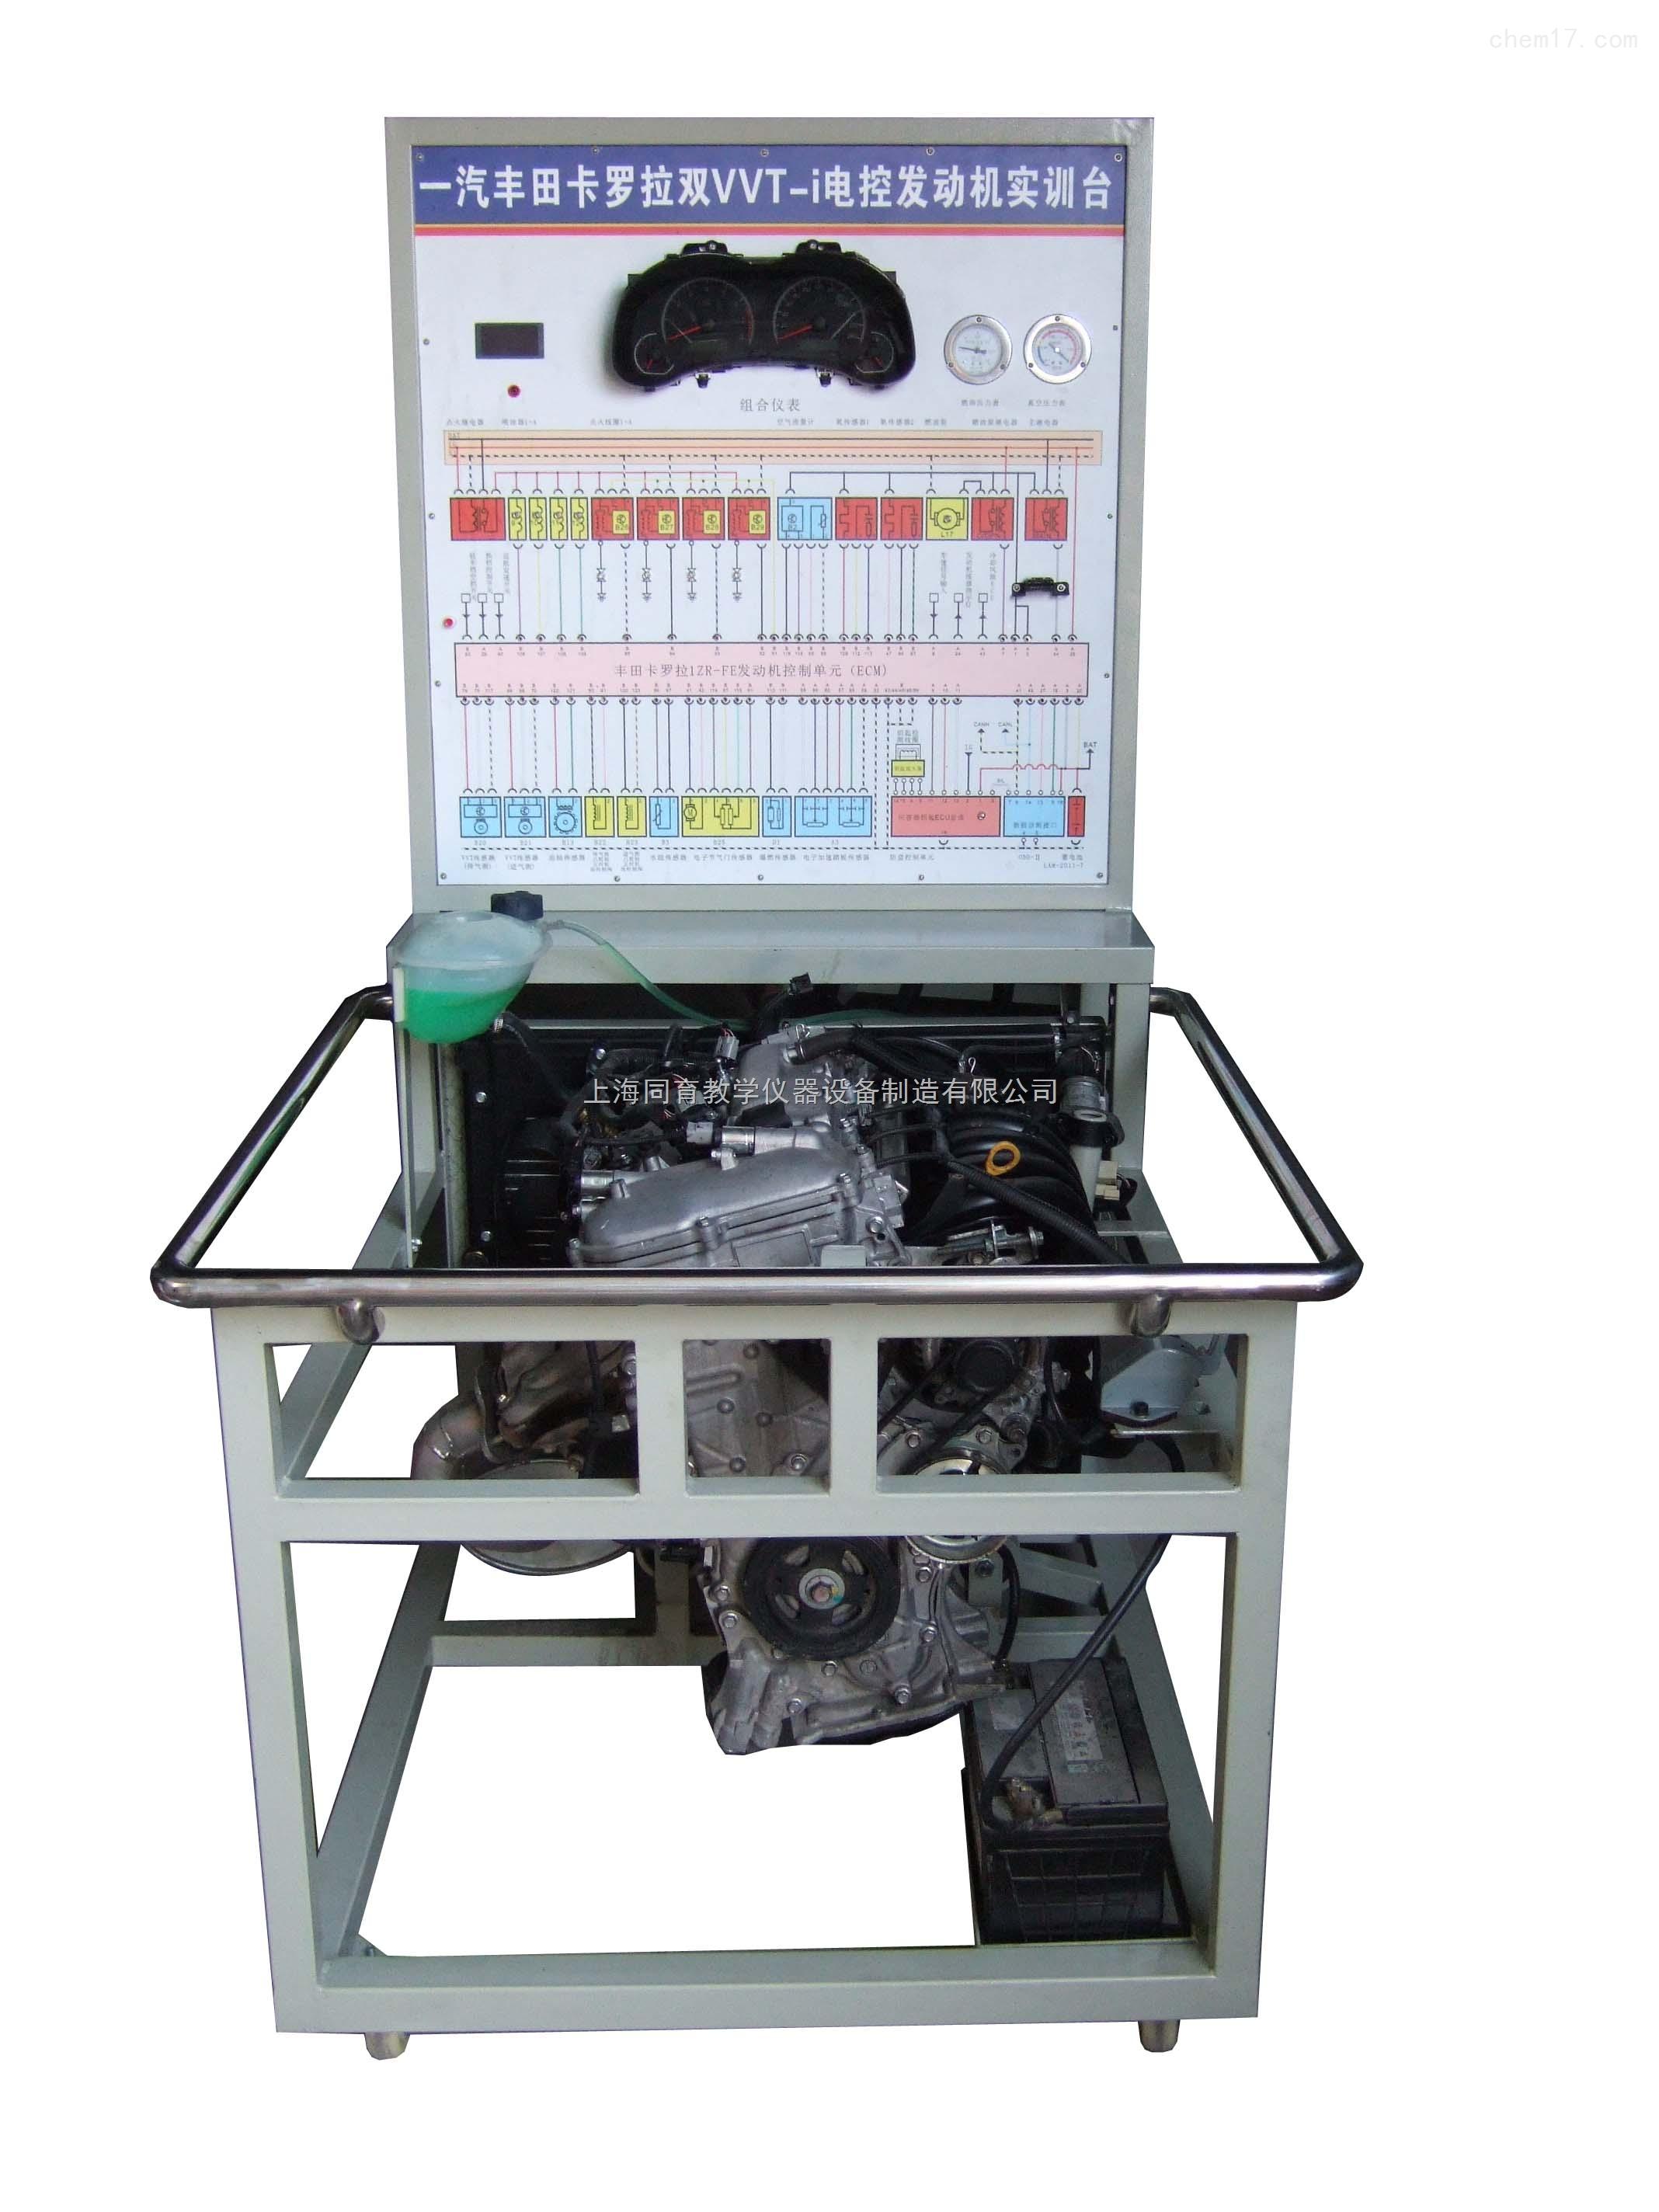 仪表盘,各种开关,灯光系统,加热,继电器,燃油供给系统,燃油分配泵